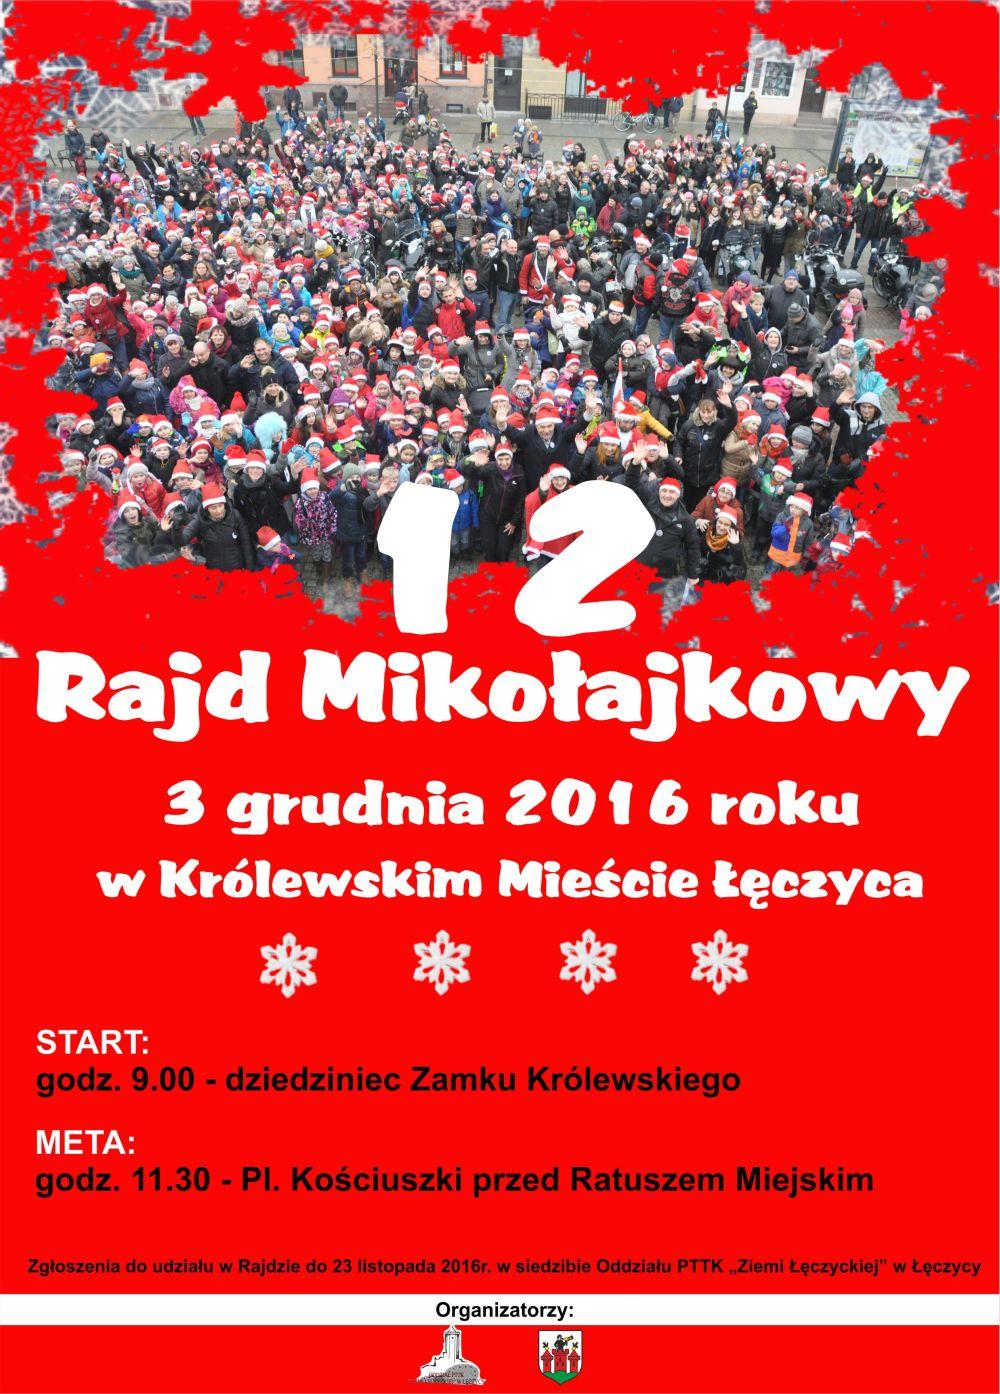 Utrudnienia w ruchu drogowym w związku z organizacją XII Rajdu Mikołajkowego - Zdjęcie główne